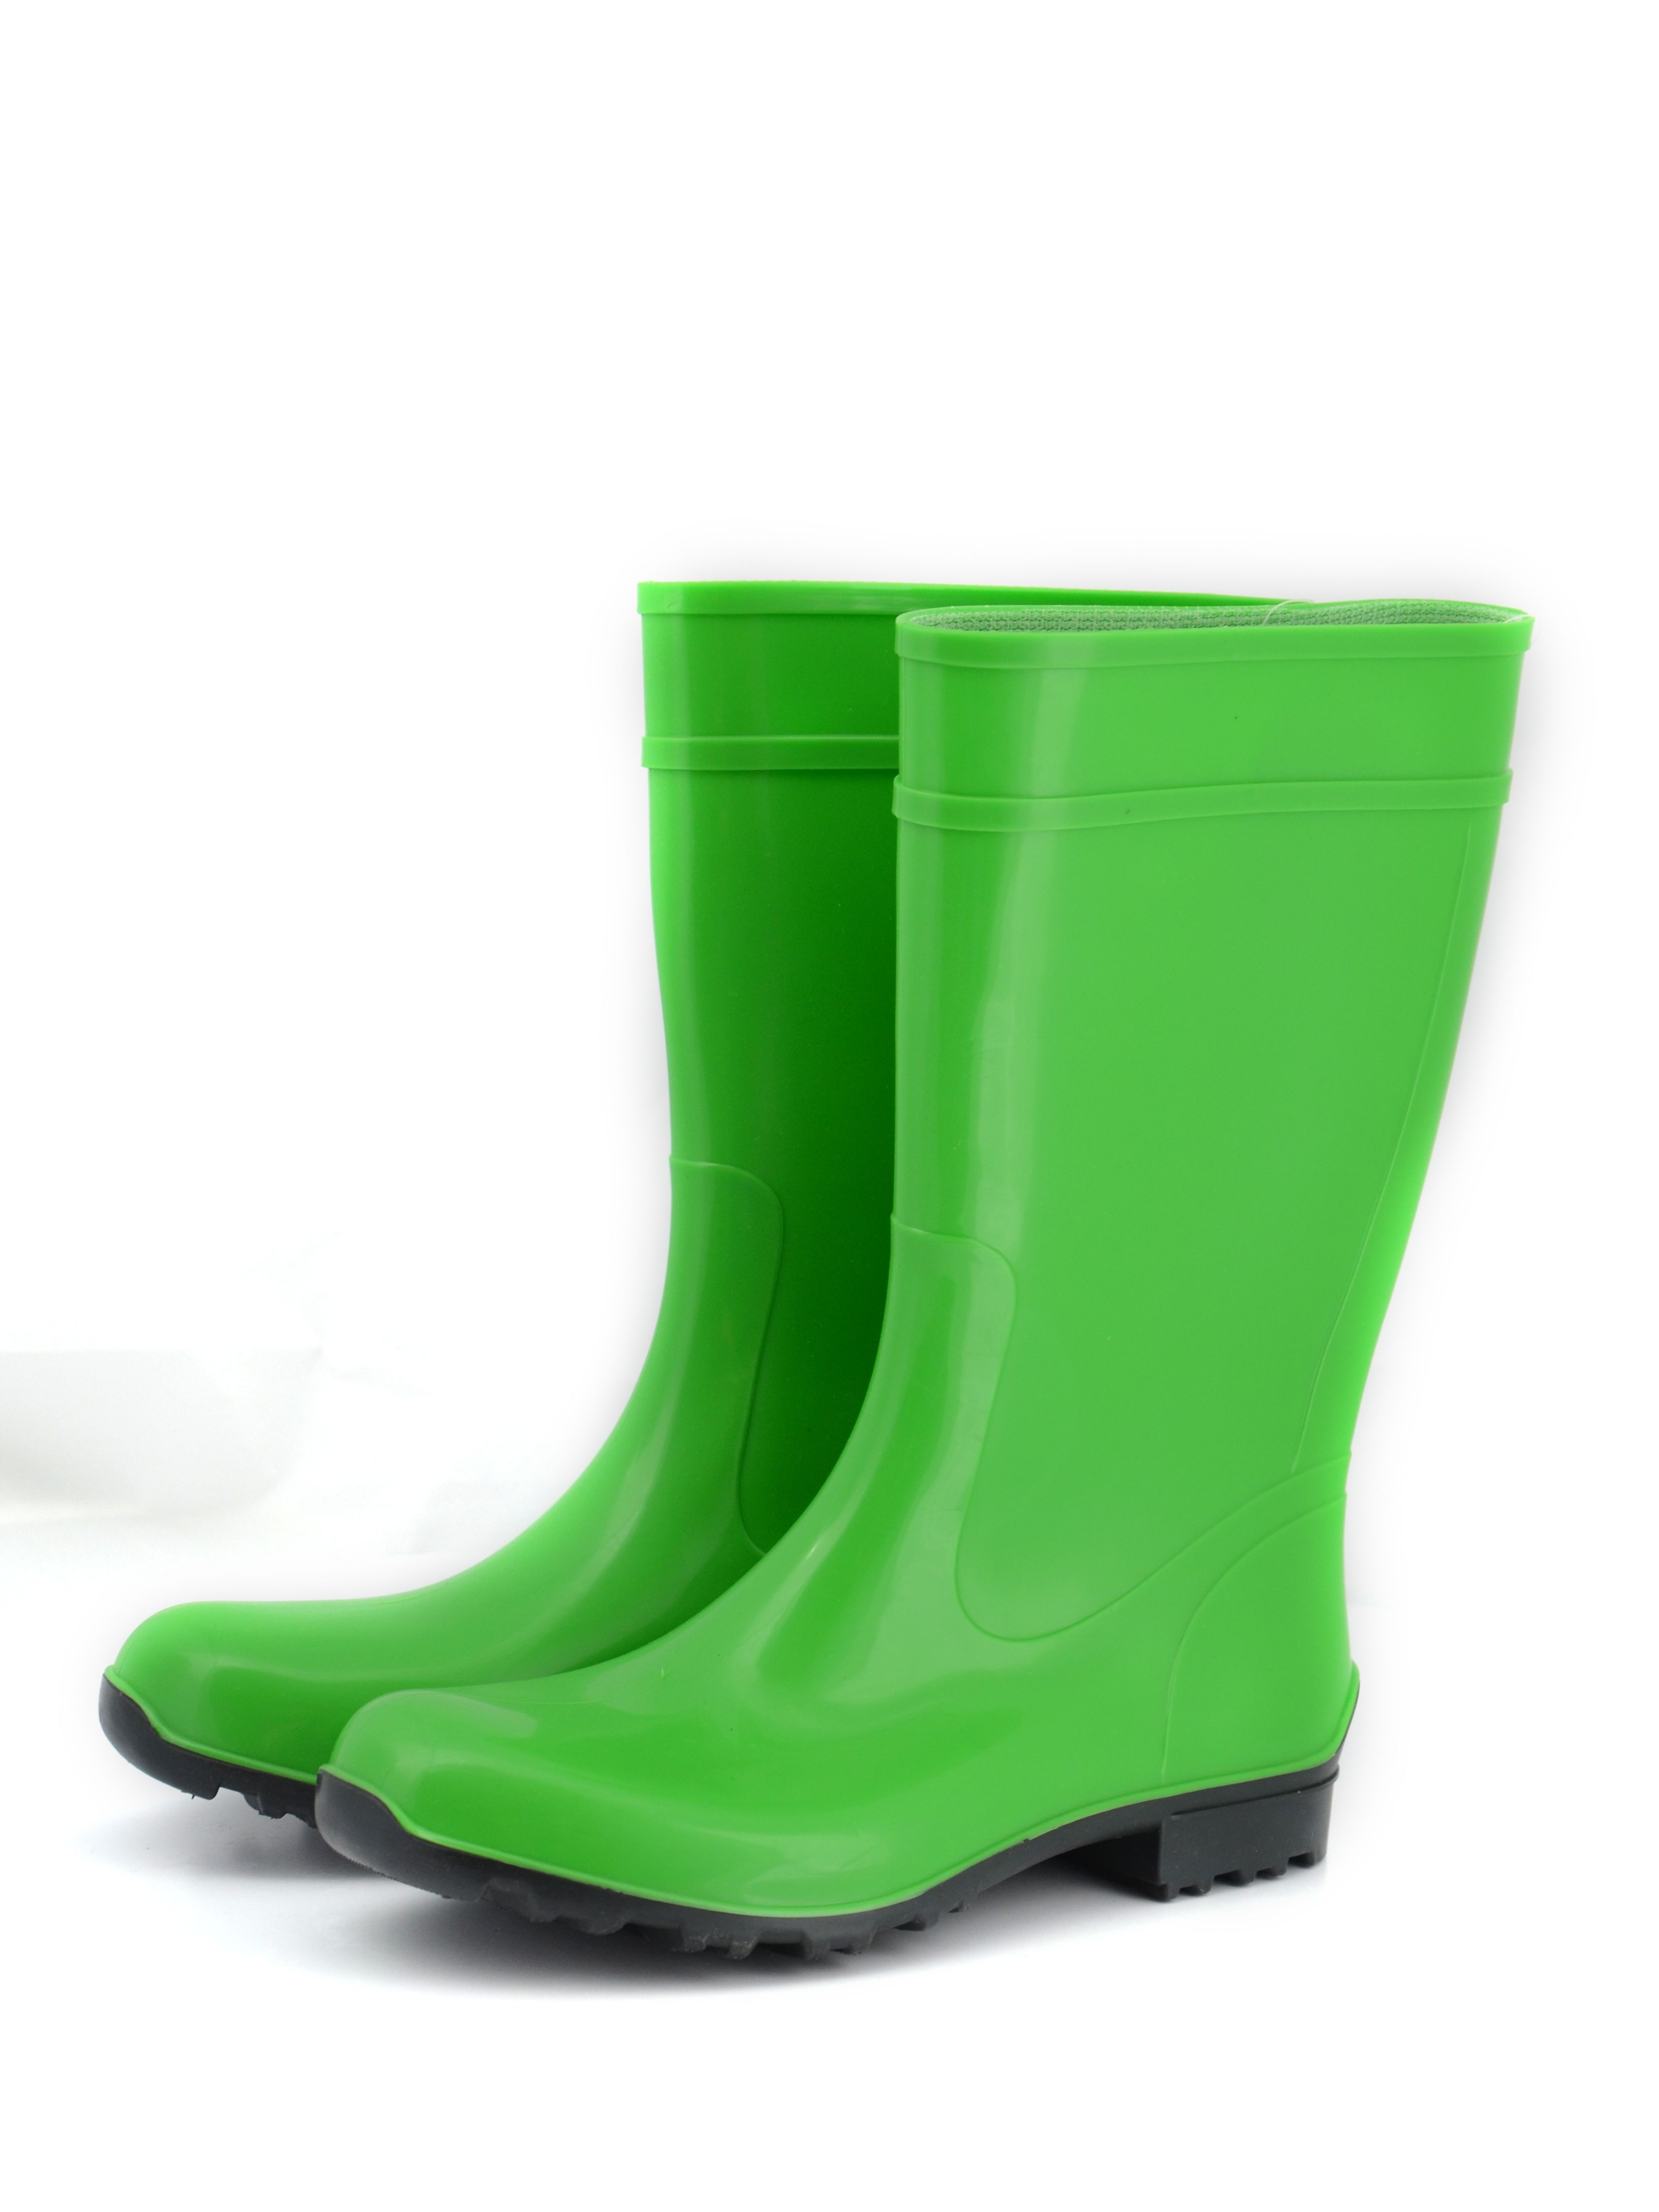 Kalosze W Pieknym Soczyscie Zielonym Kolorze Produktpolski Producent Lemigo Boots Wellington Boot Rain Boots